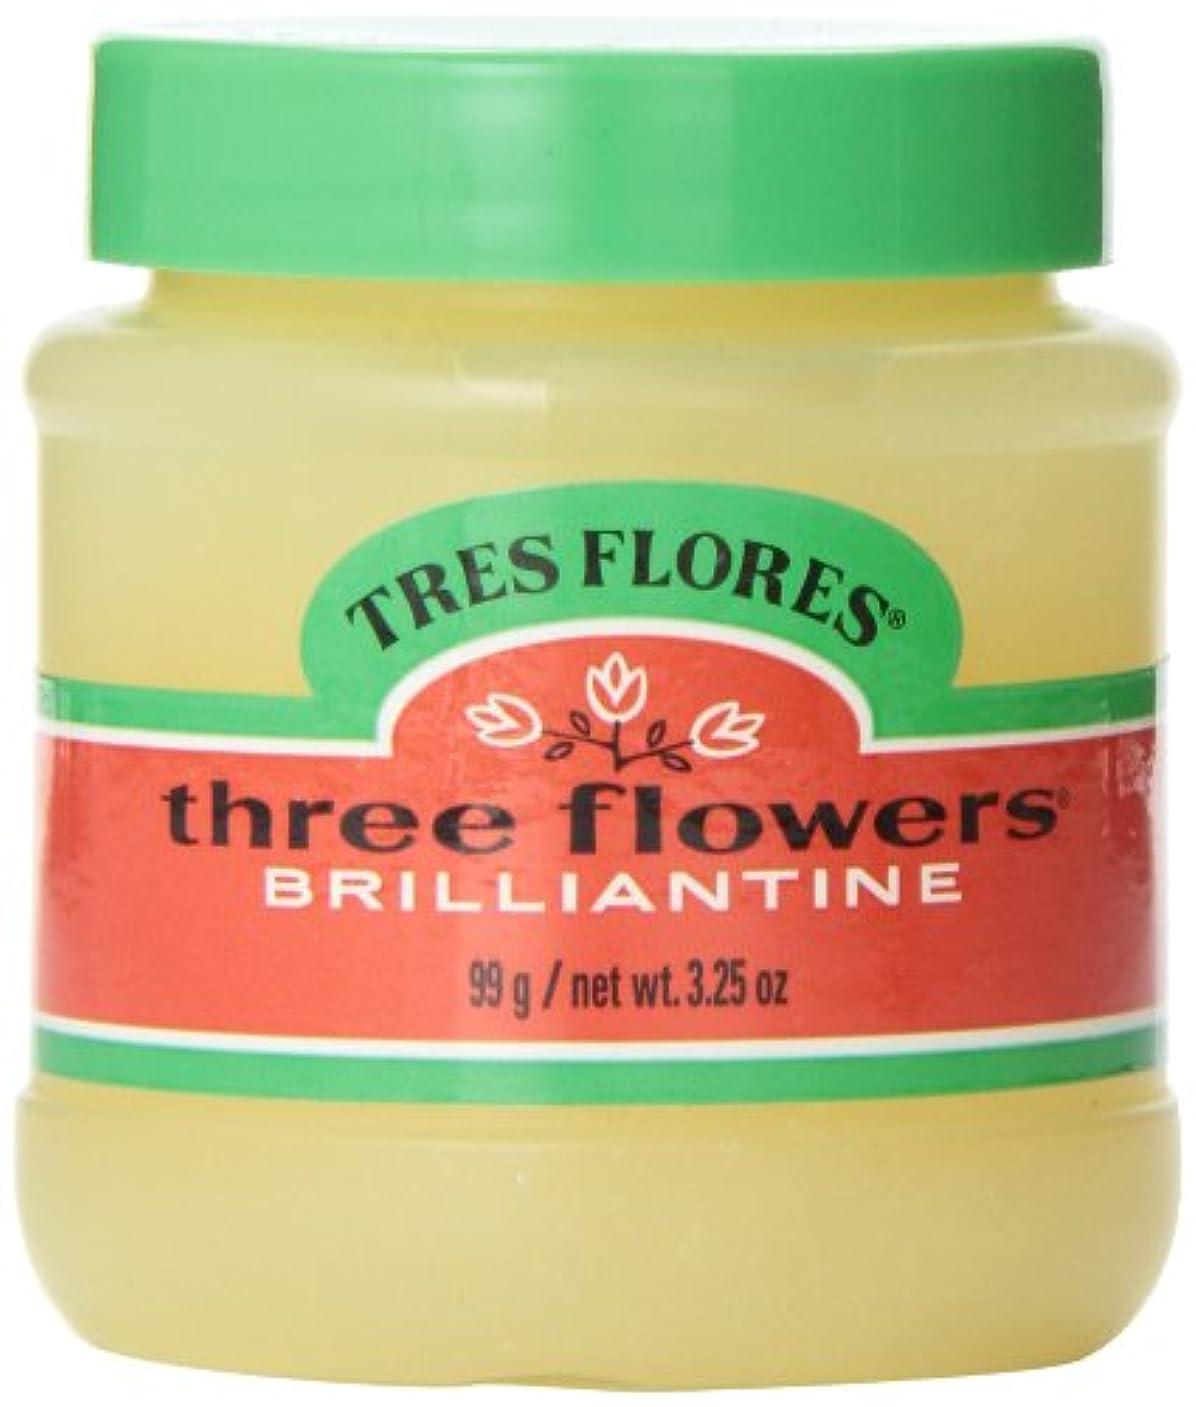 悔い改める提供開梱Three Flowers Brilliantine Pomade Solid 3.25oz